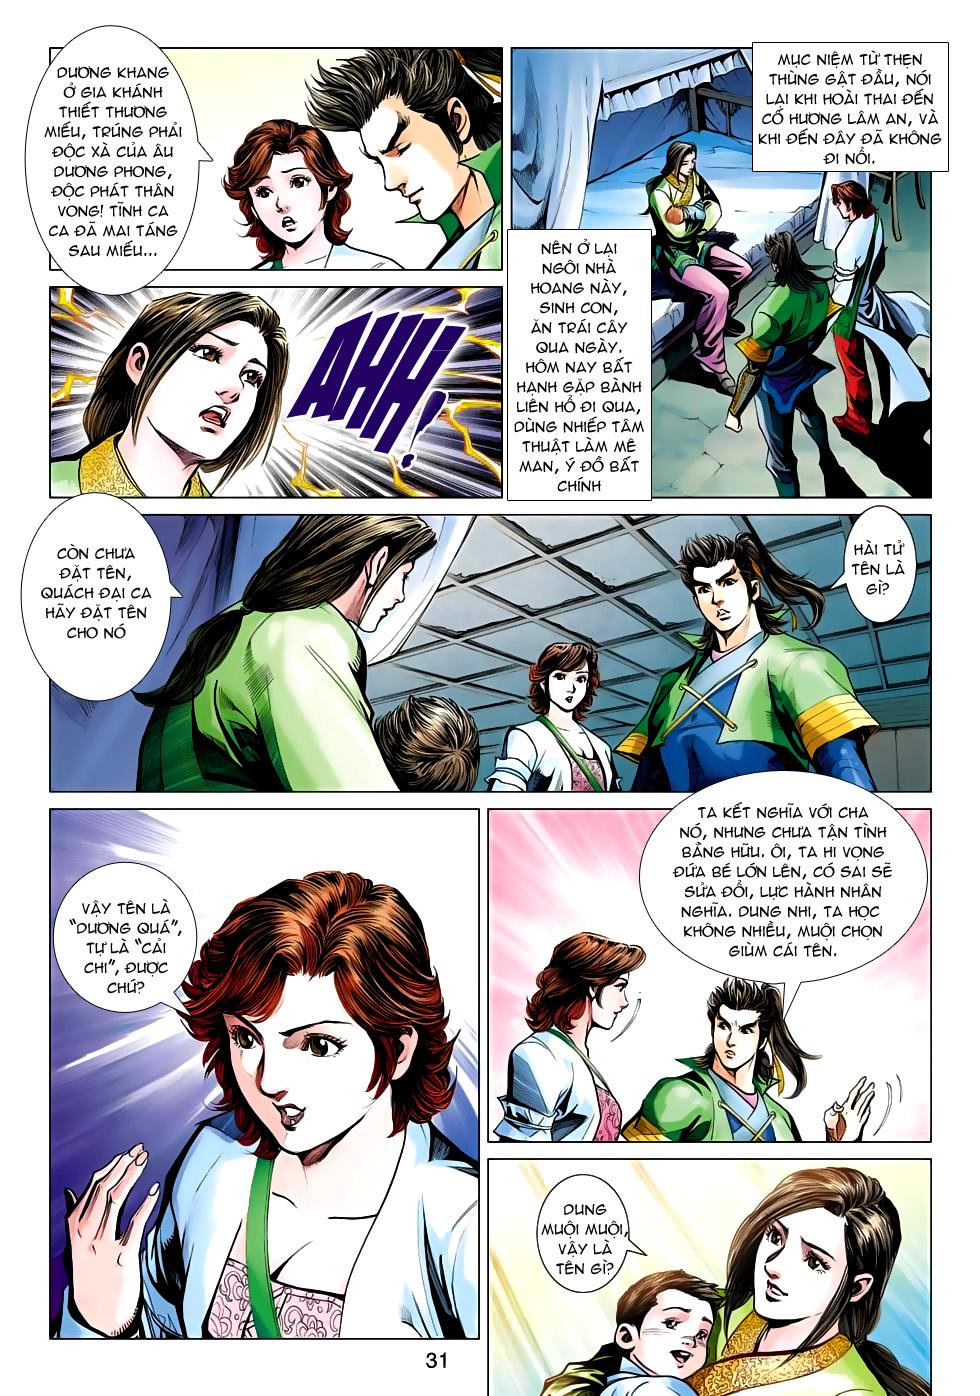 Xạ Điêu Anh Hùng Truyện chap 100 – End Trang 31 - Mangak.info